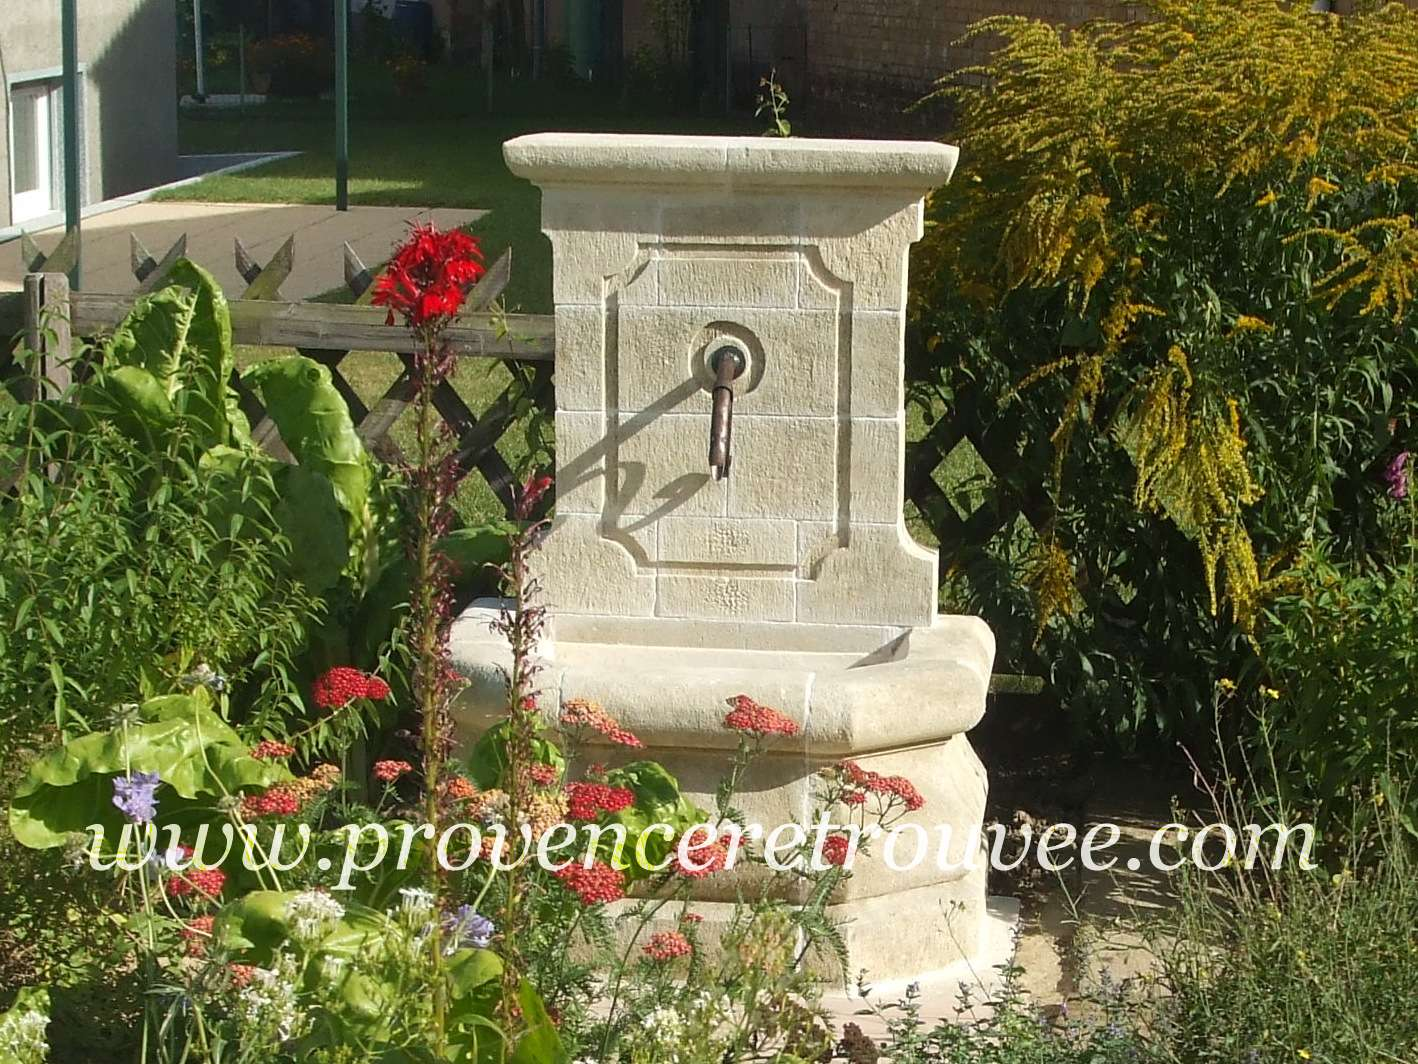 fontaine cassis rfrence fon12 080 au milieu dun jardin fleuri la fontaine nest pas adosse un mur elle tient seule une fois colle grce - Construire Une Fontaine De Jardin